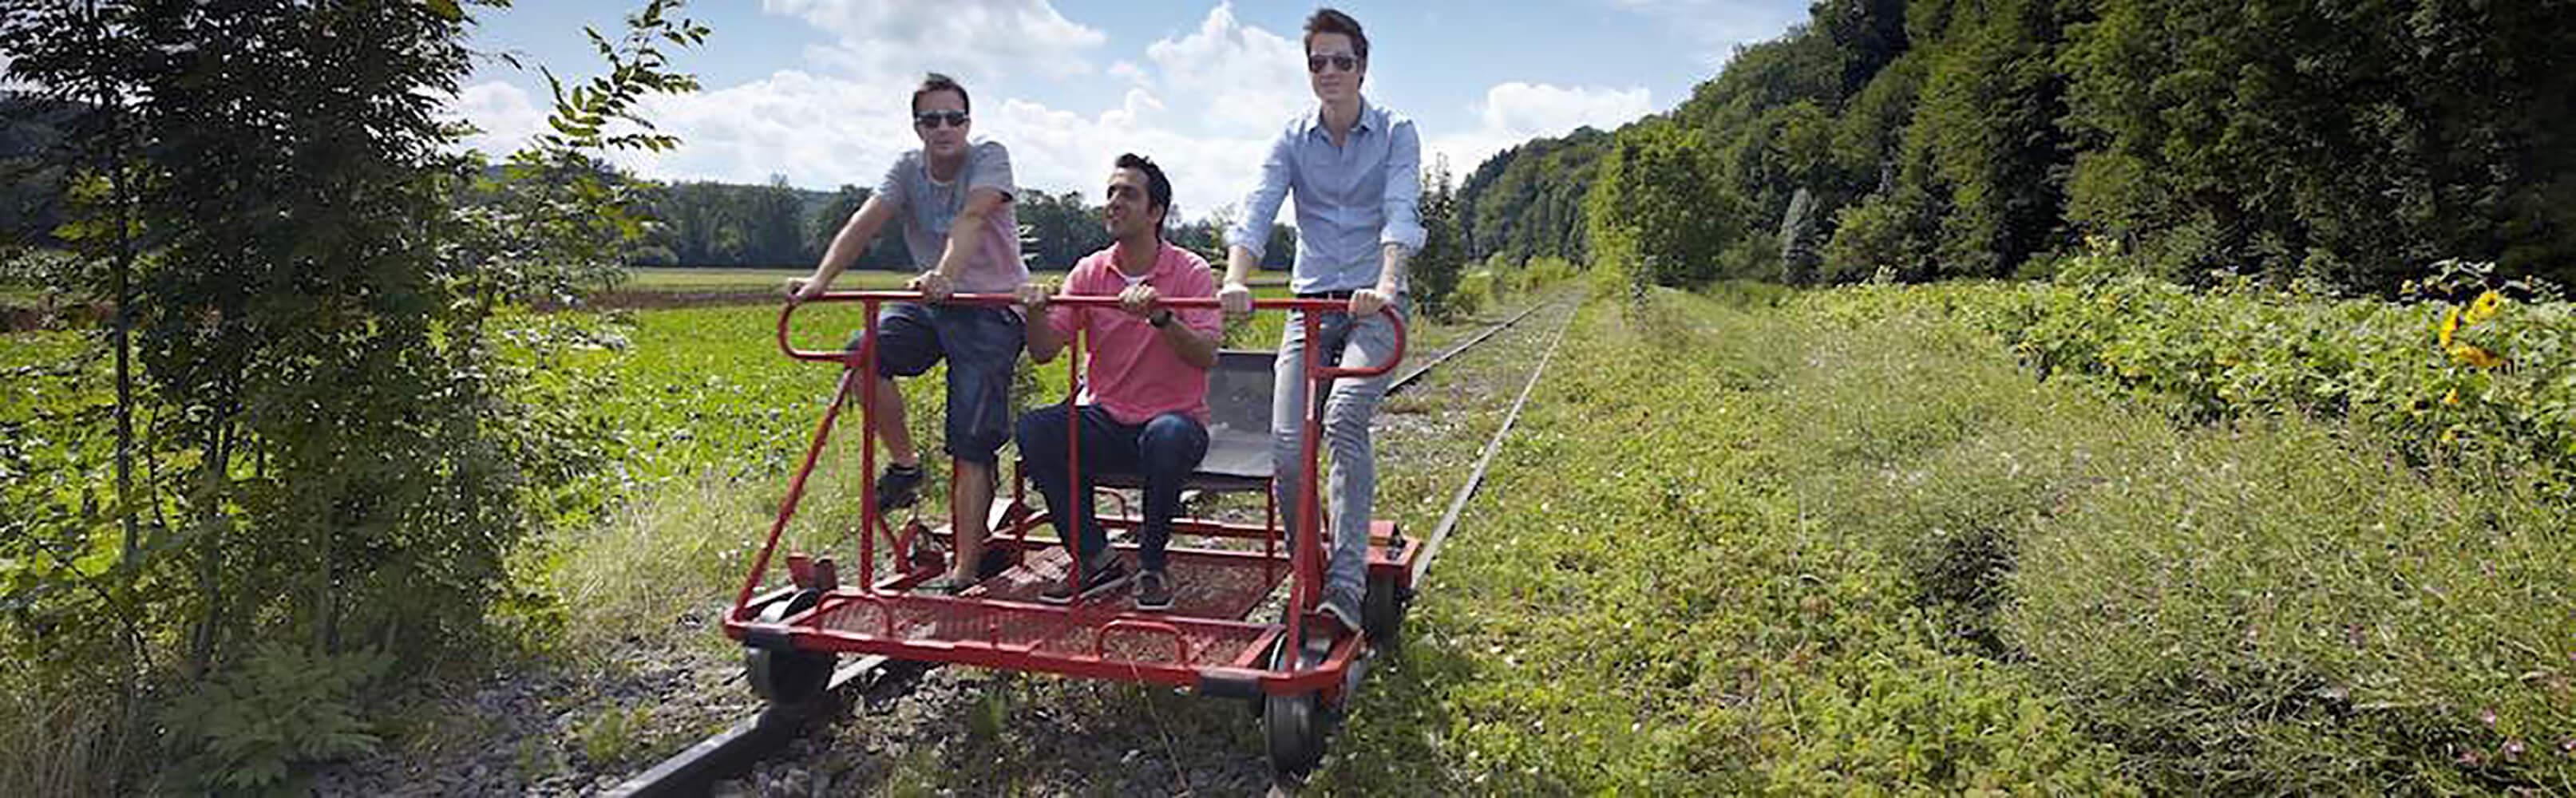 Schienenvelo fahren – das Erlebnis im Sensetal! 1